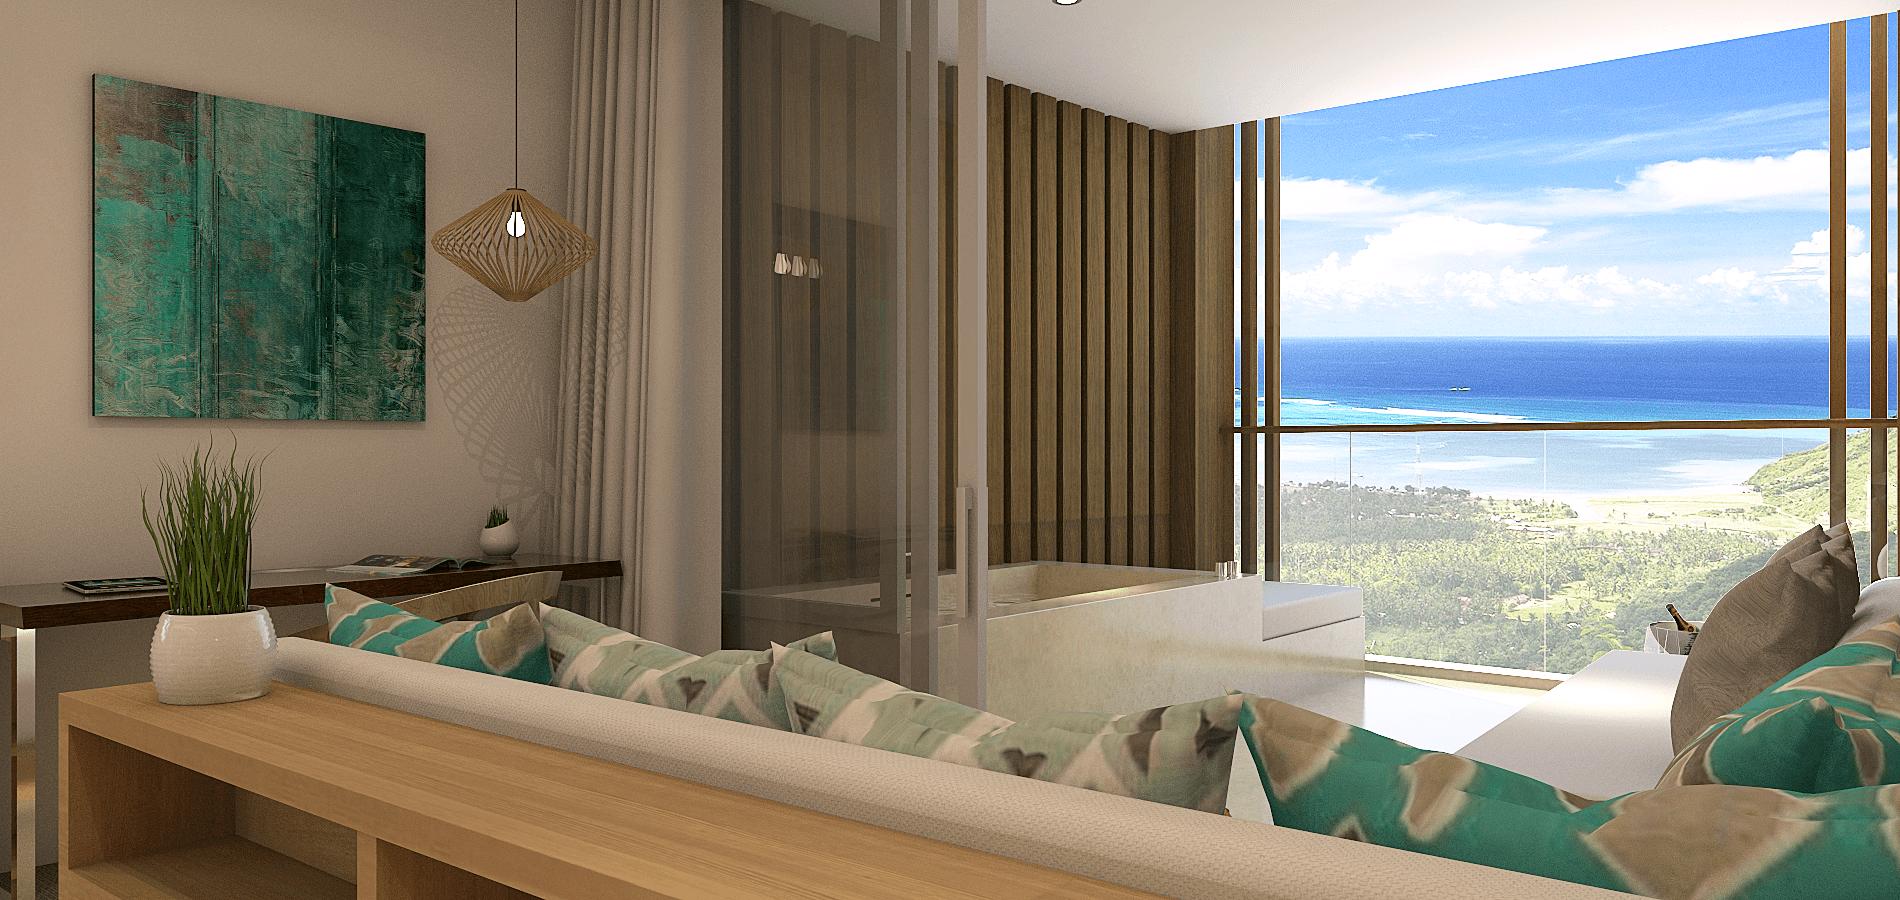 Pt. Indodesign Kreasi Mandiri Lombok Hotel South Lombok Kuta South Lombok Kuta Livingroom View Kontemporer <P>View From Hotel Room</p> <P>Kuta Bay</p> 16081